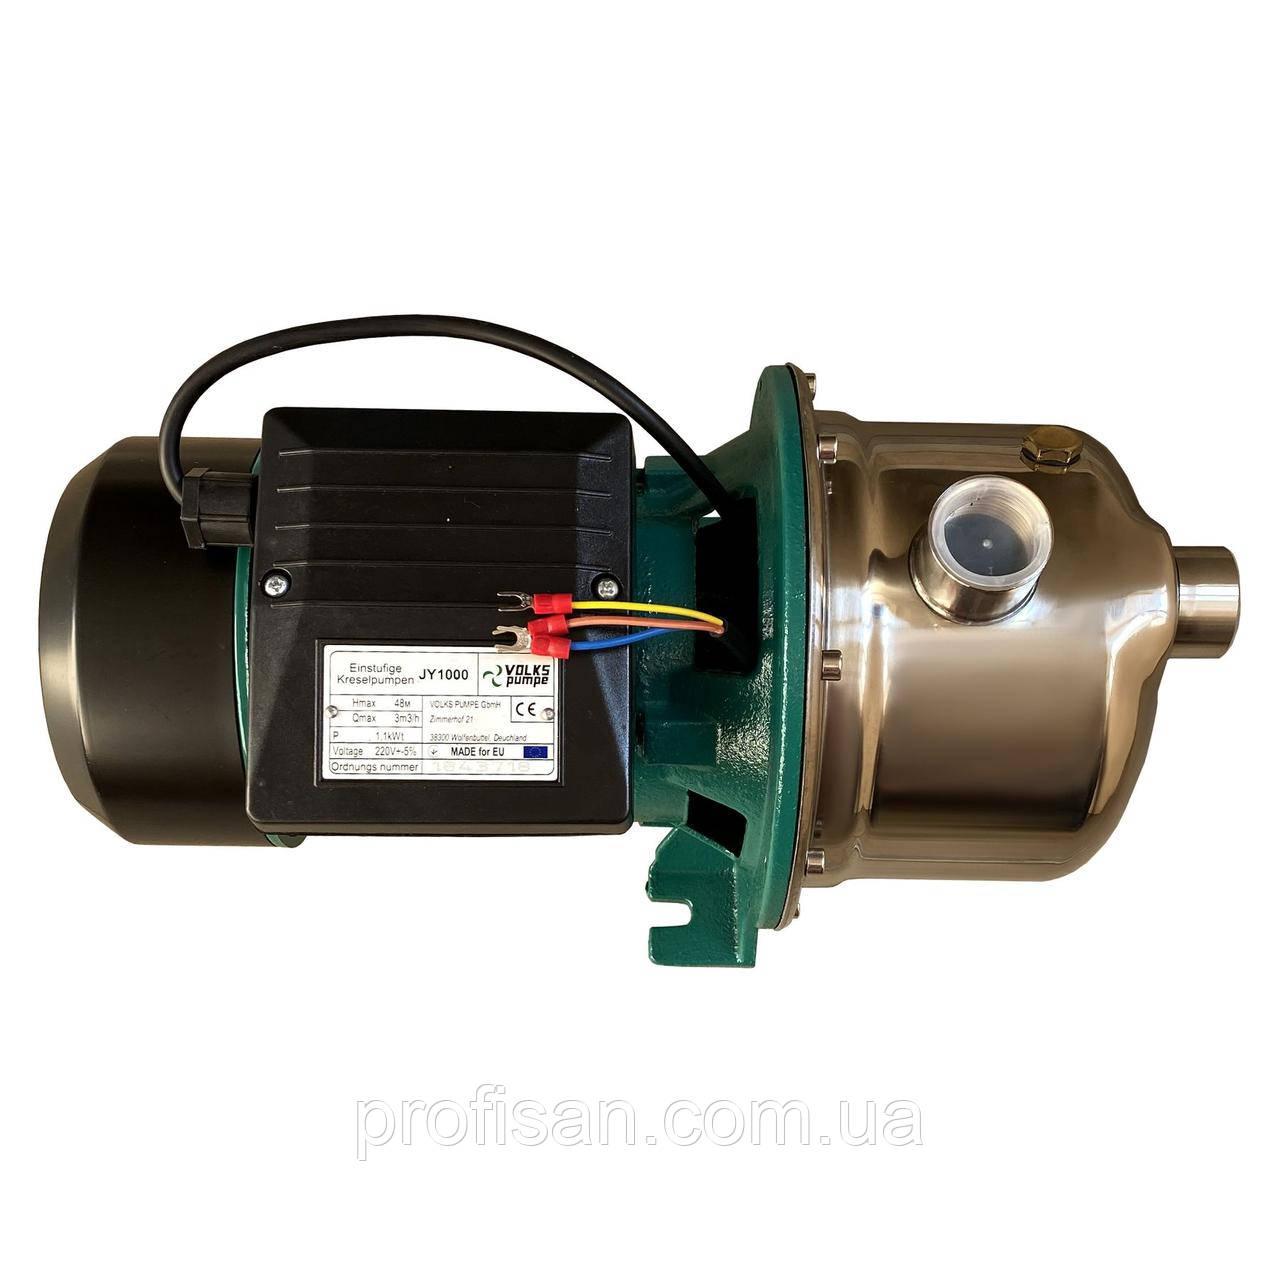 Насос відцентровий VOLKS pumpe JY1000 1,1 кВт нержавійка